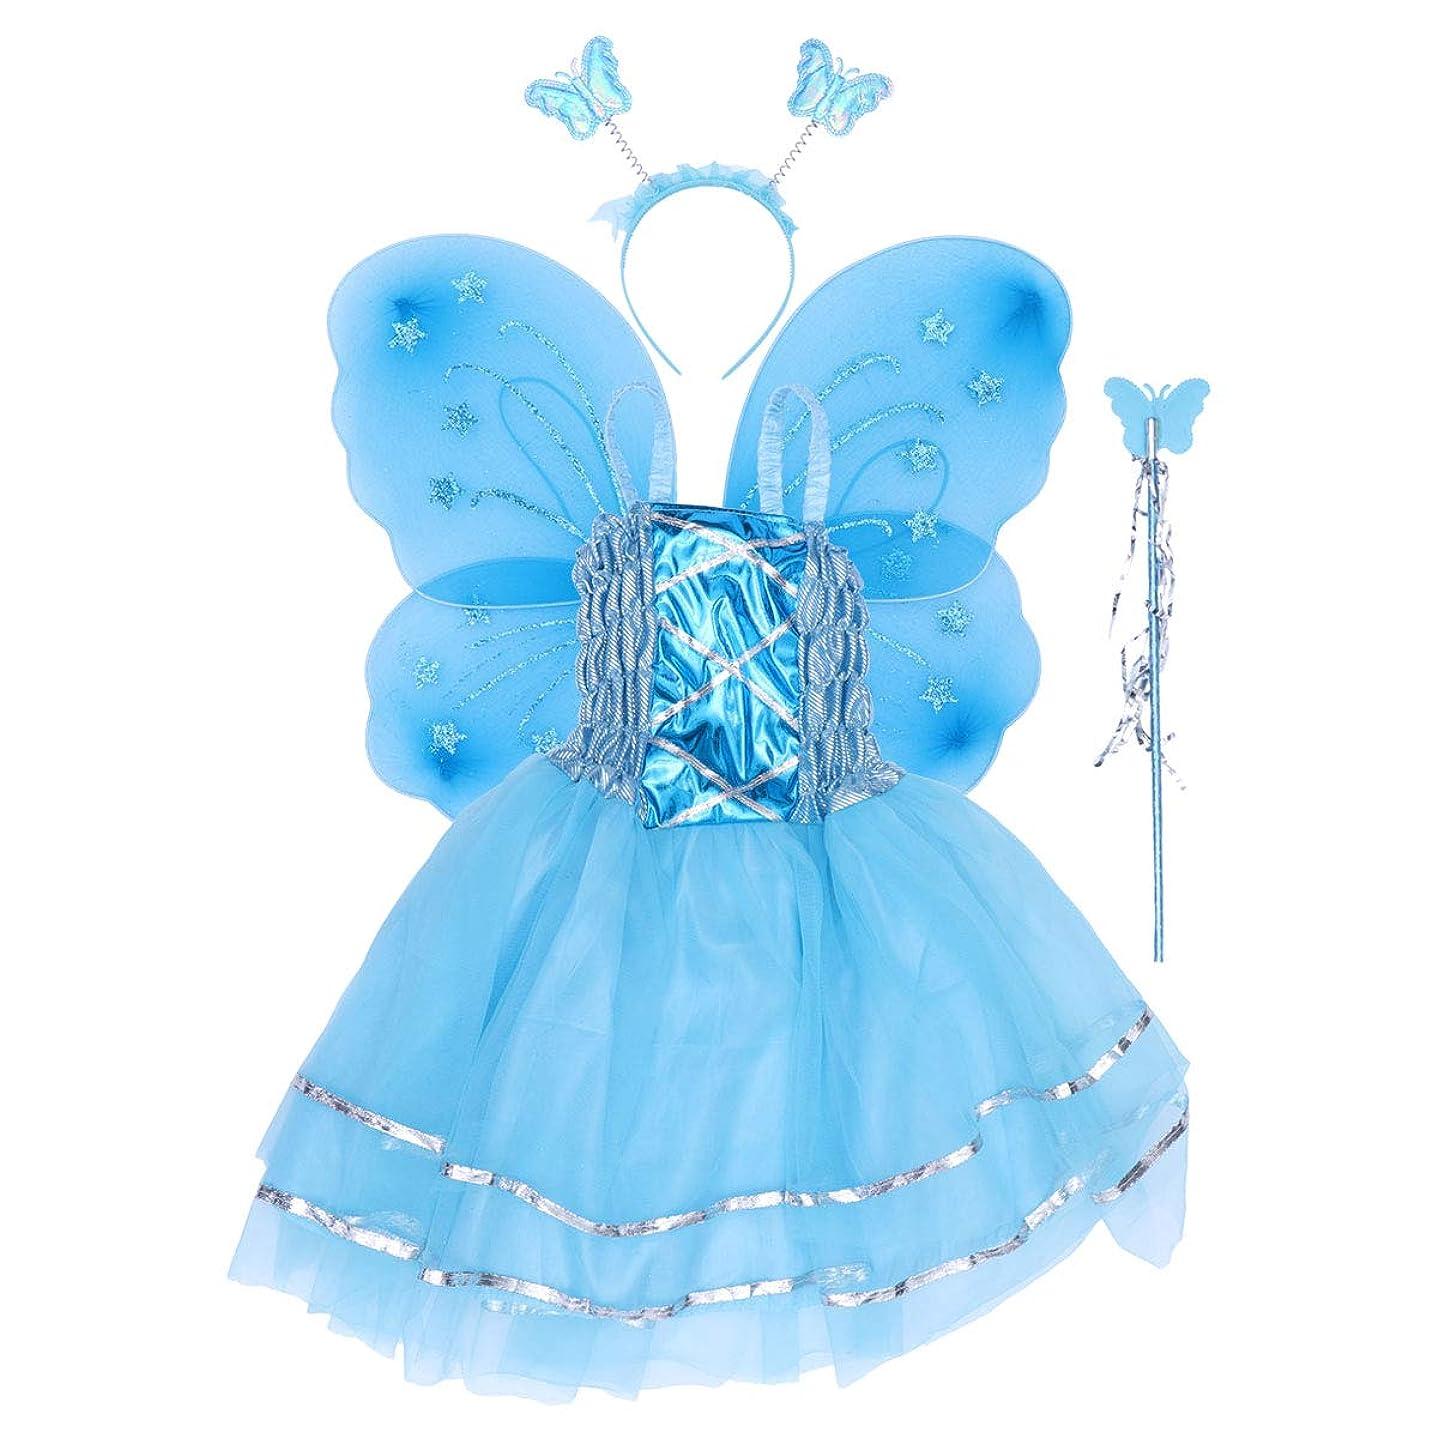 散文使用法予報BESTOYARD 蝶の羽、ワンド、ヘッドバンド、ツツードレス(スカイブルー)と4個の女の子バタフライプリンセス妖精のコスチュームセット